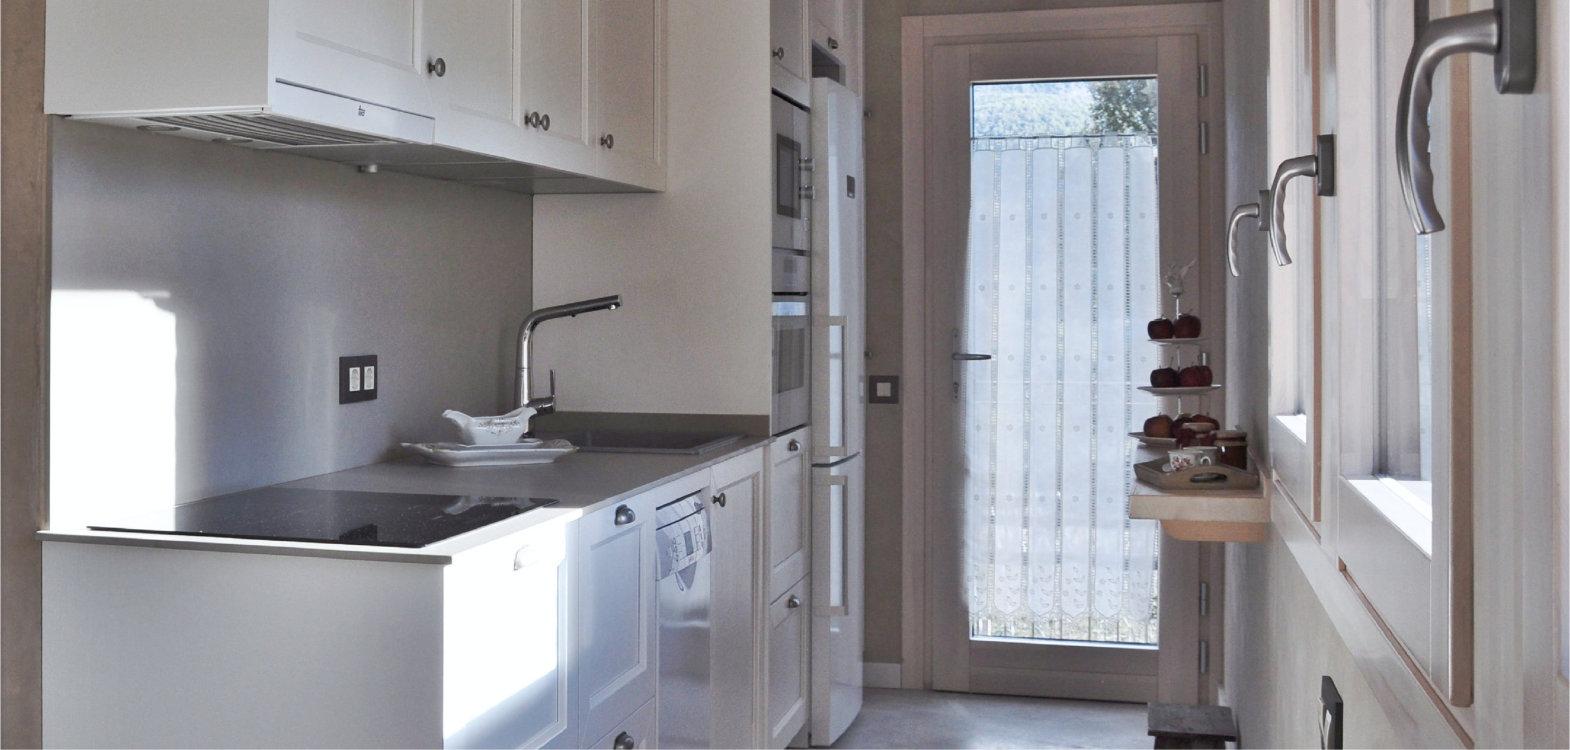 puerta de madera aluminio ventana con triple cristal carrete finestres l'era den bella solsones